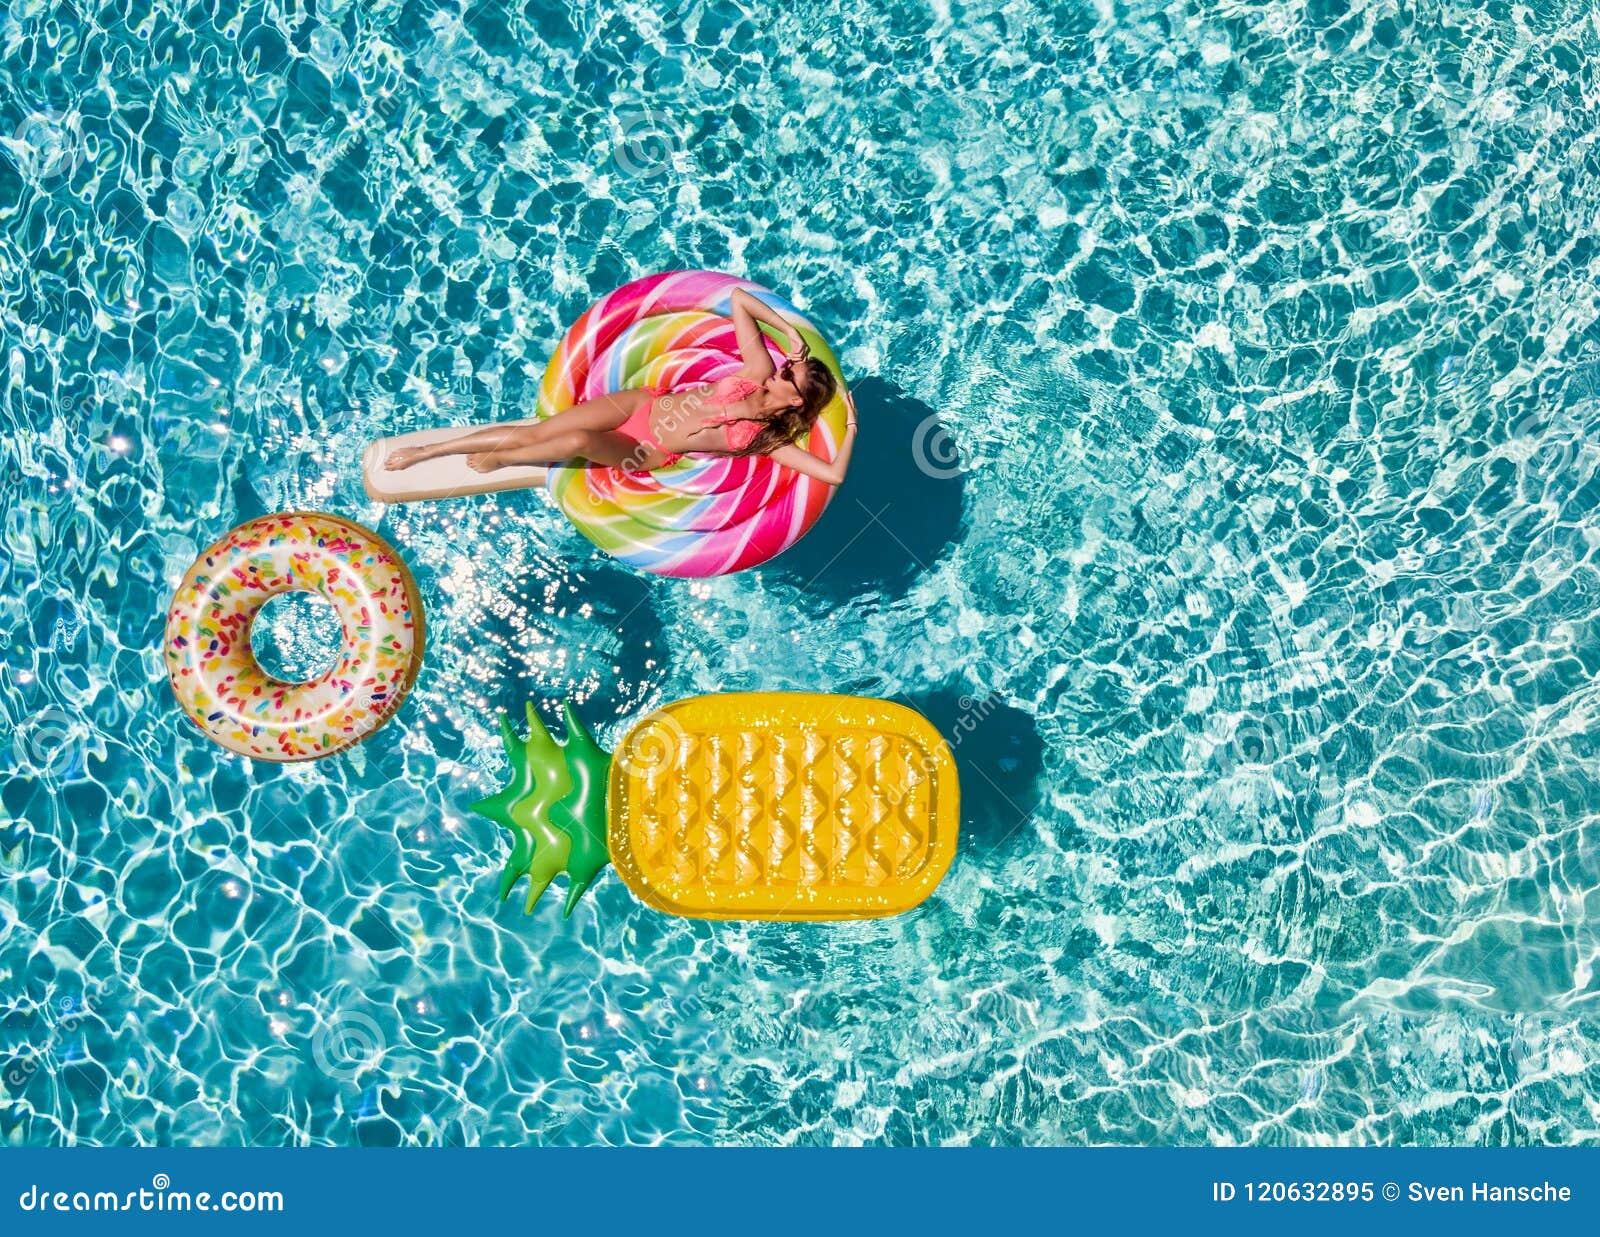 Frau im Bikini entspannt sich auf einem lolli Knall geformten Swimmingpoolfloss